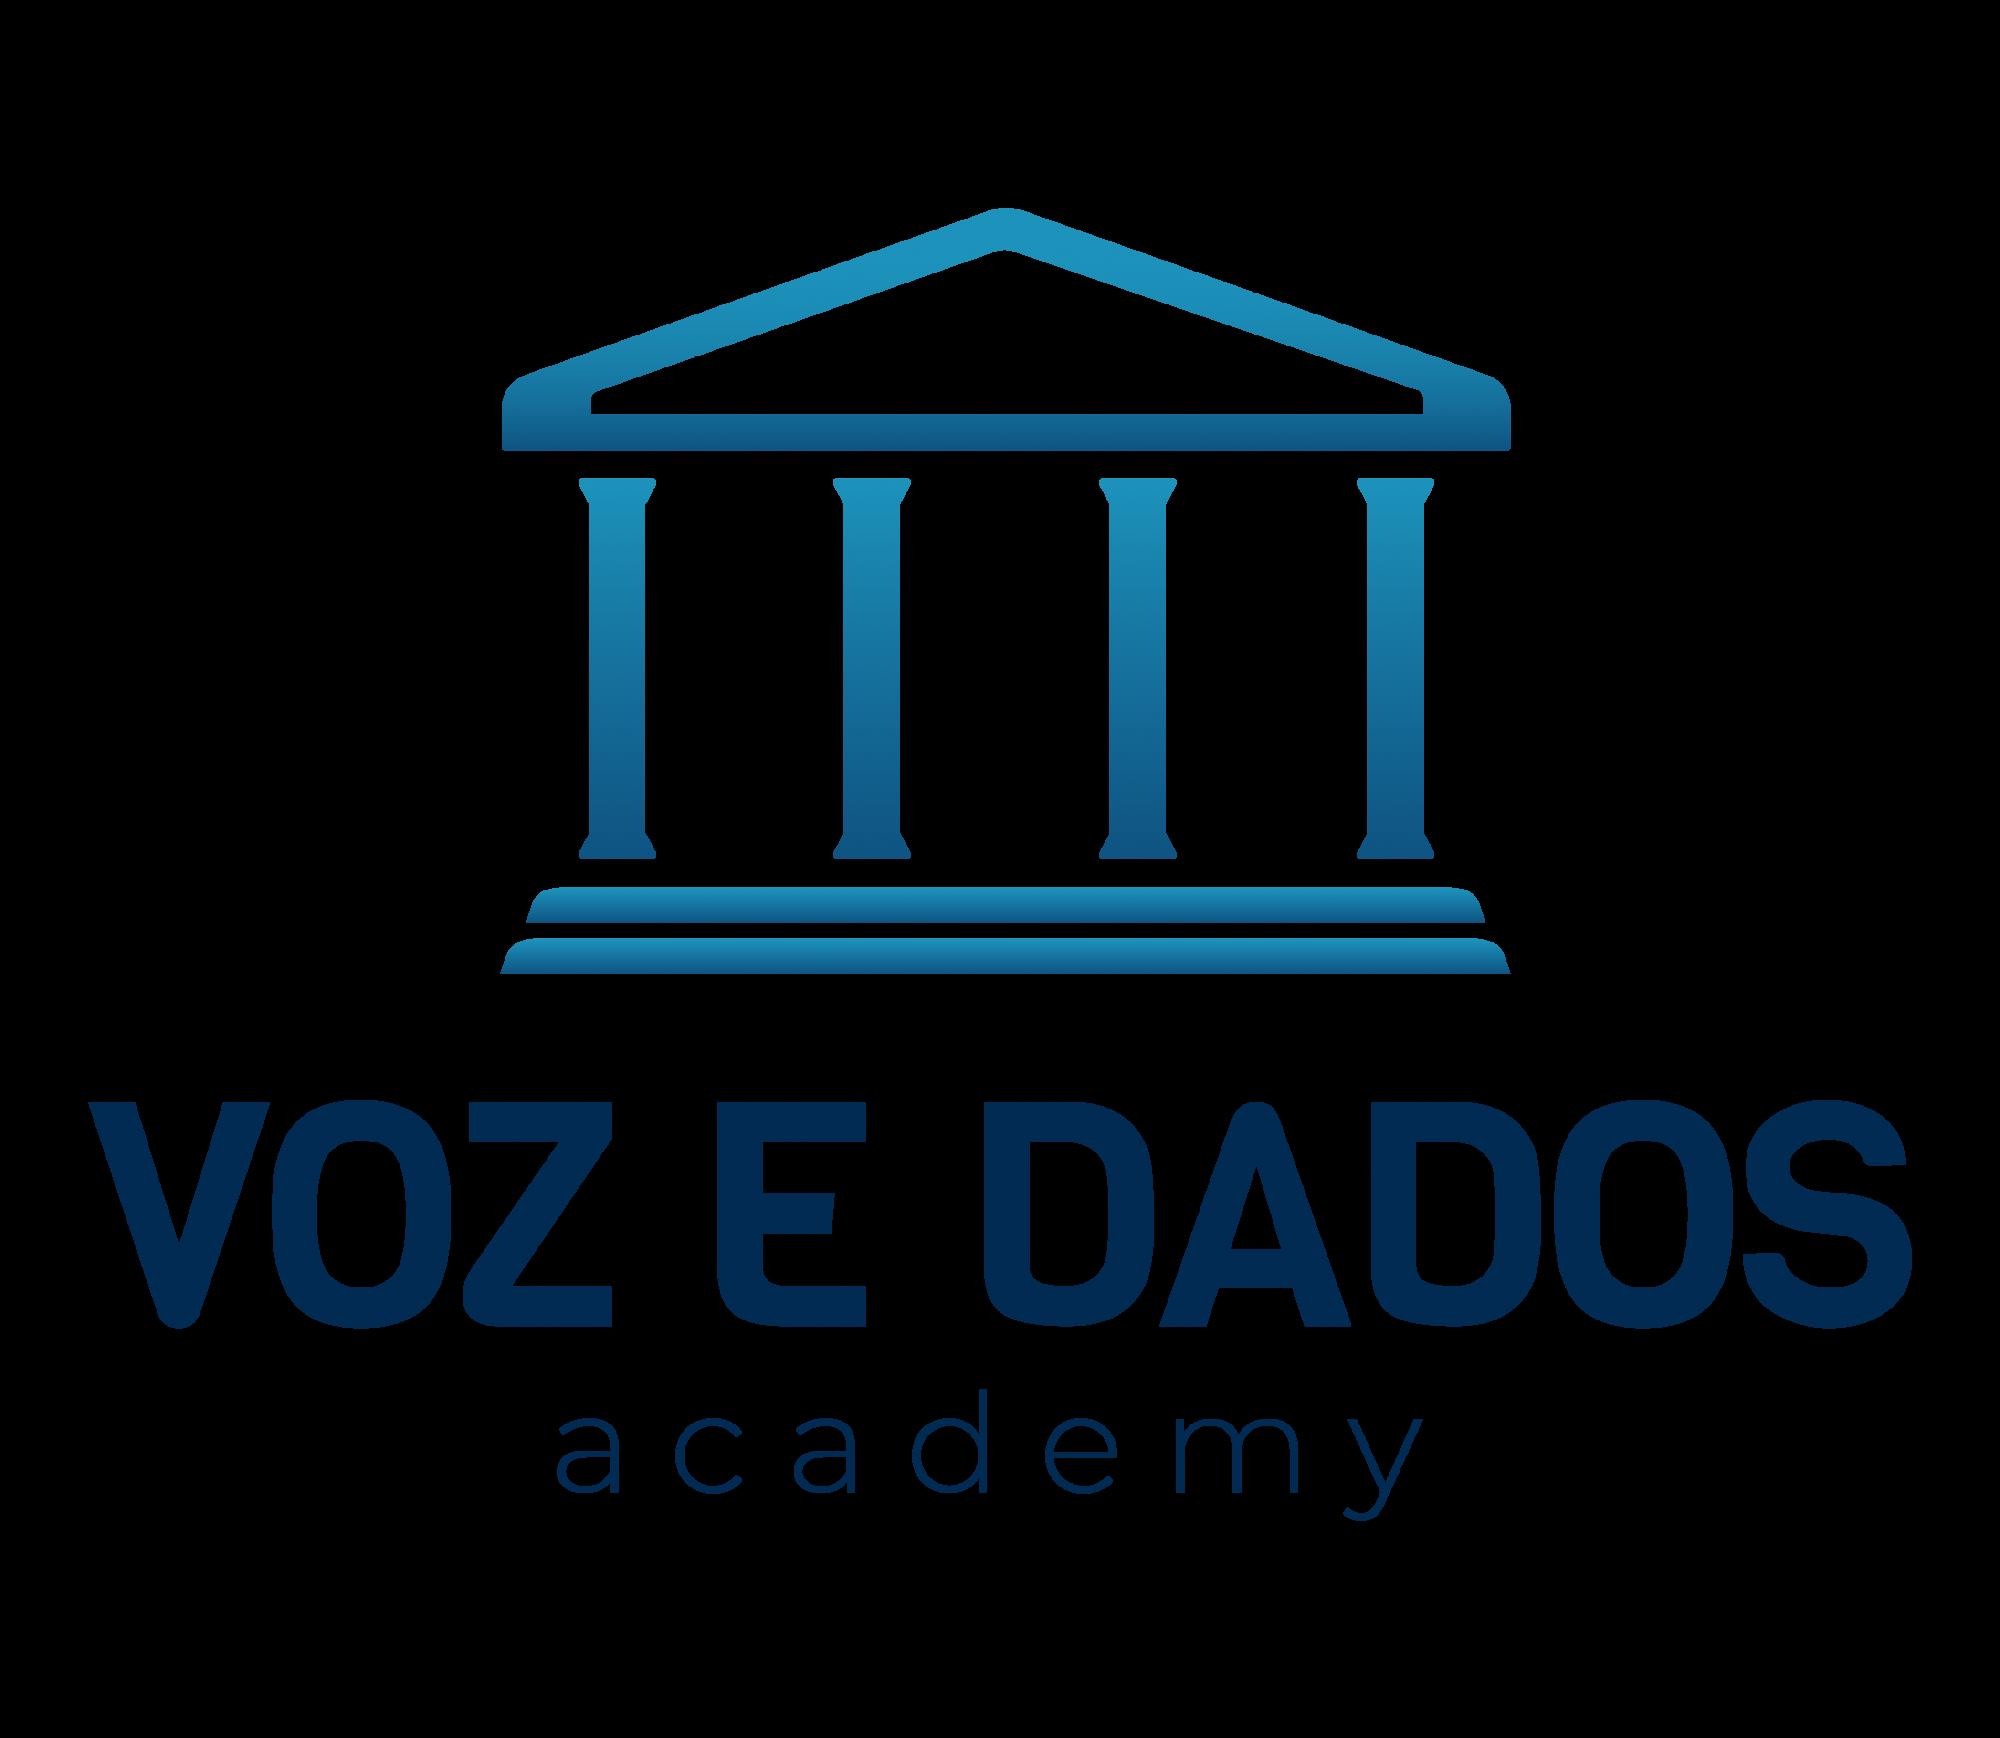 Negociação Rosângela - Willian Alves Ferreira  - Voz e Dados Academy